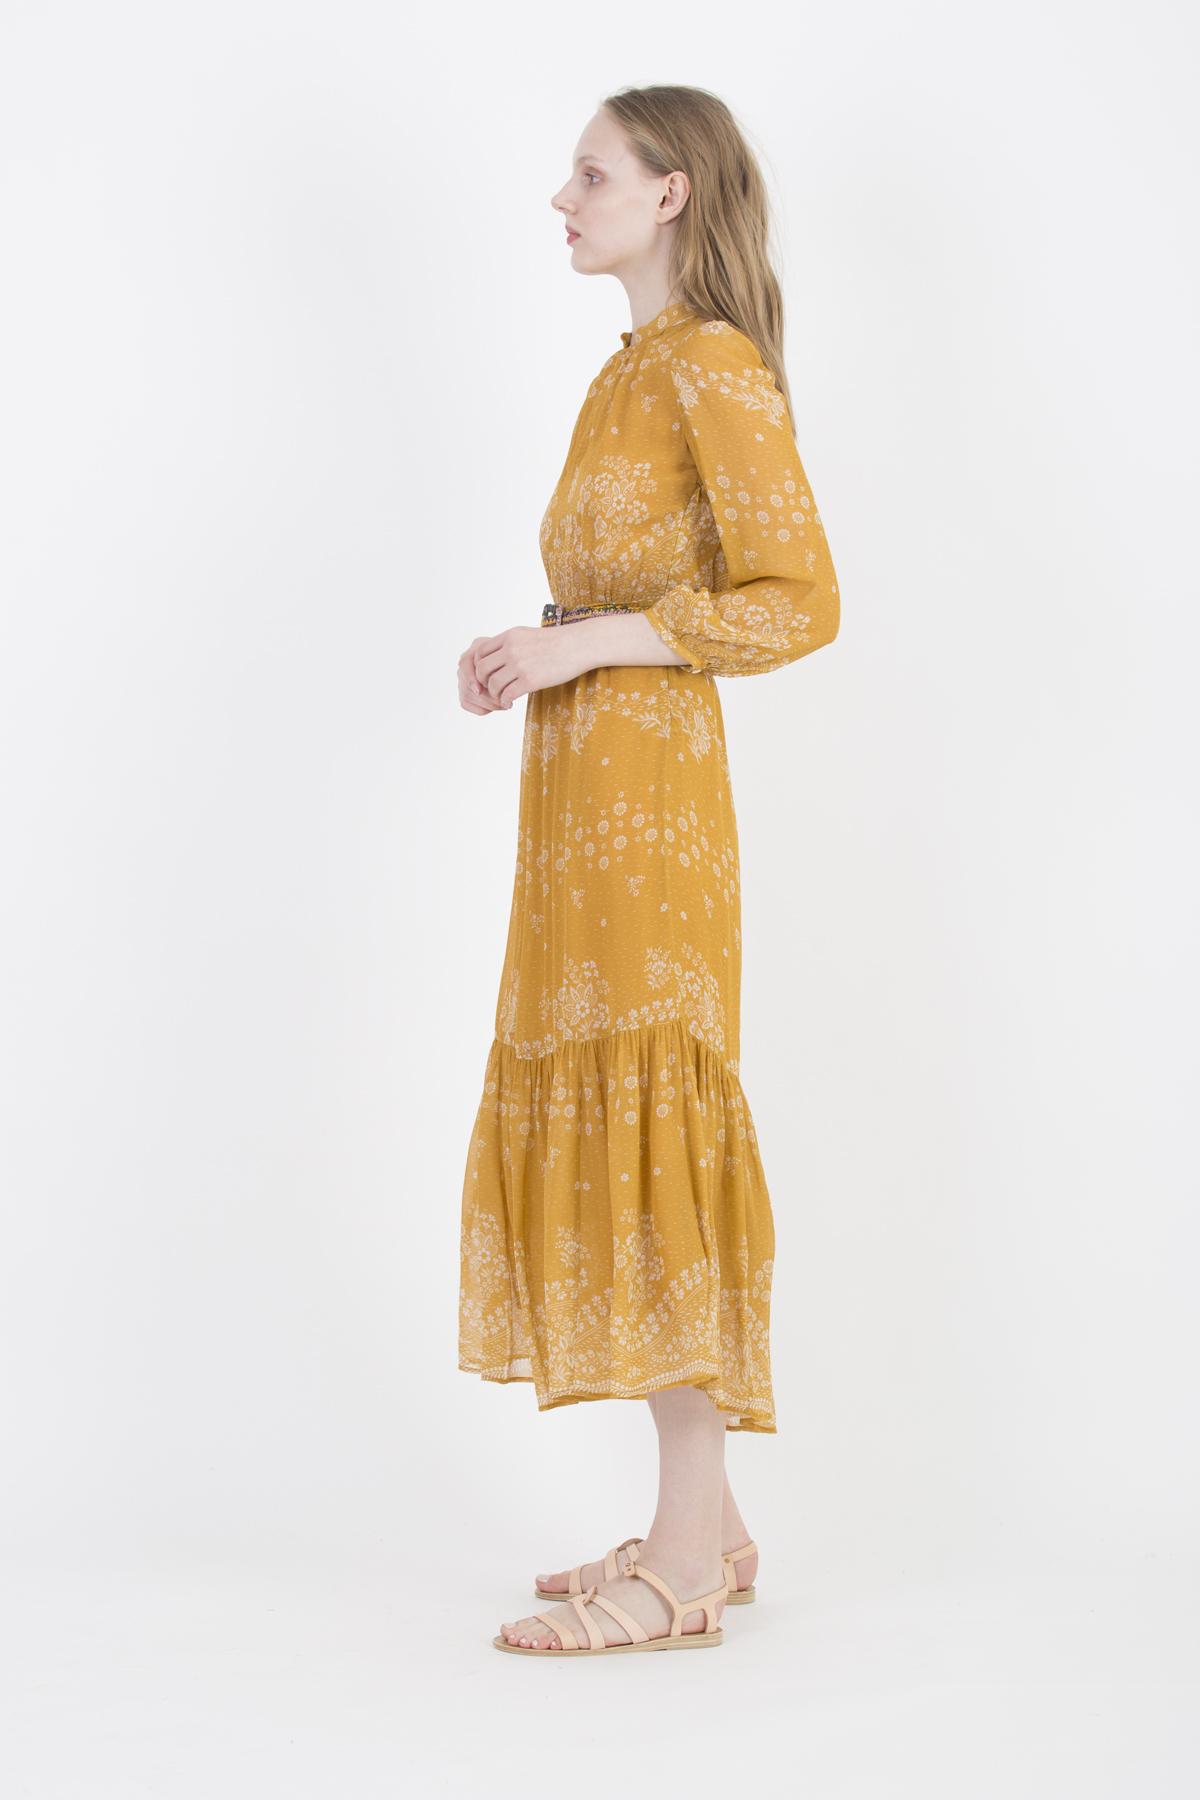 noisette-dress-orange-flower-print-bohemian-long-vanessa-bruno-matchboxathens